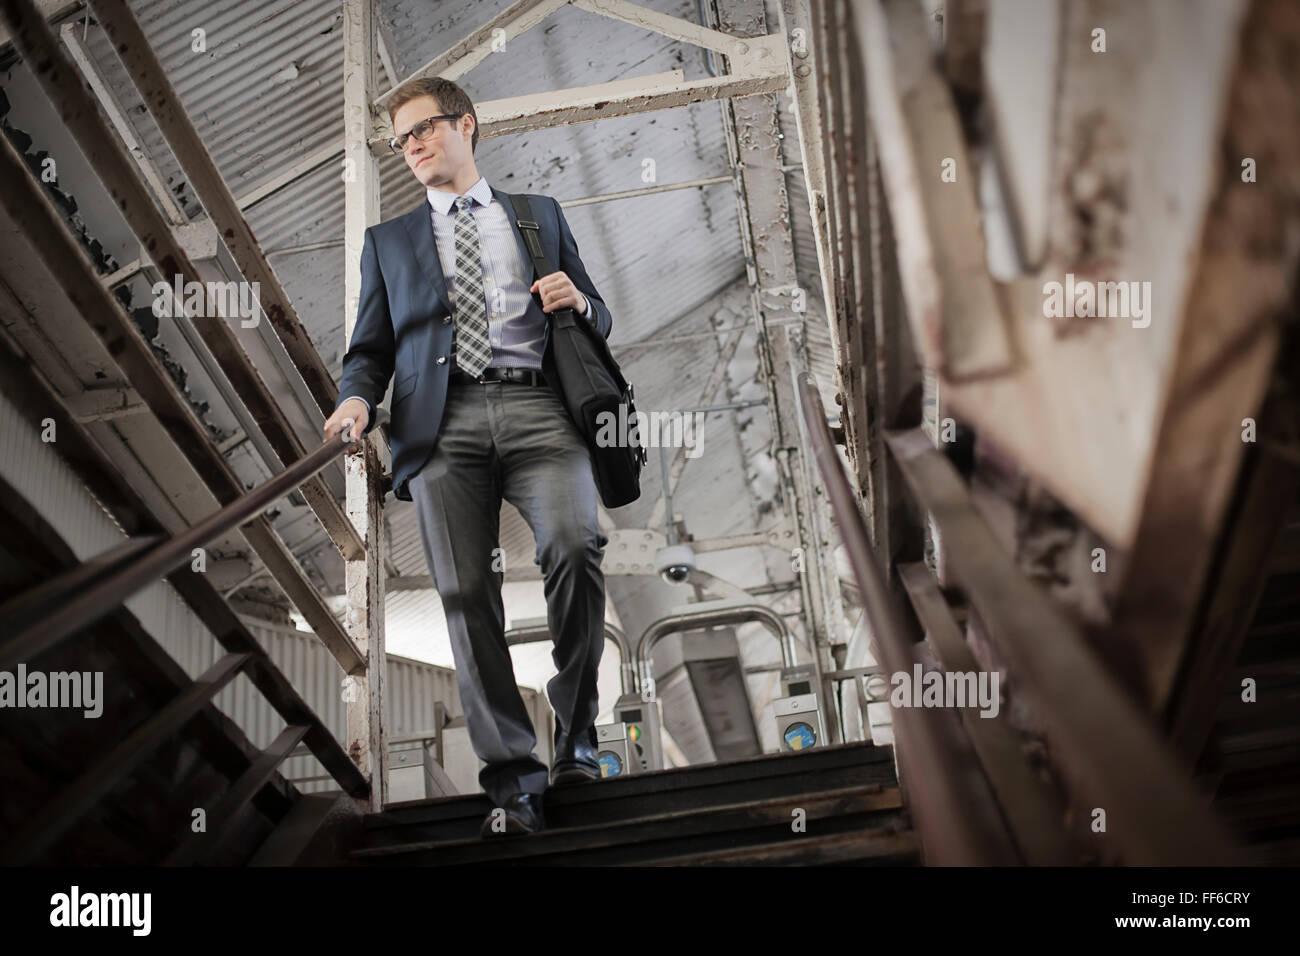 Ein Arbeitstag. Geschäftsmann in Arbeitsanzug und Krawatte, die Treppen im öffentlichen Raum. Stockbild